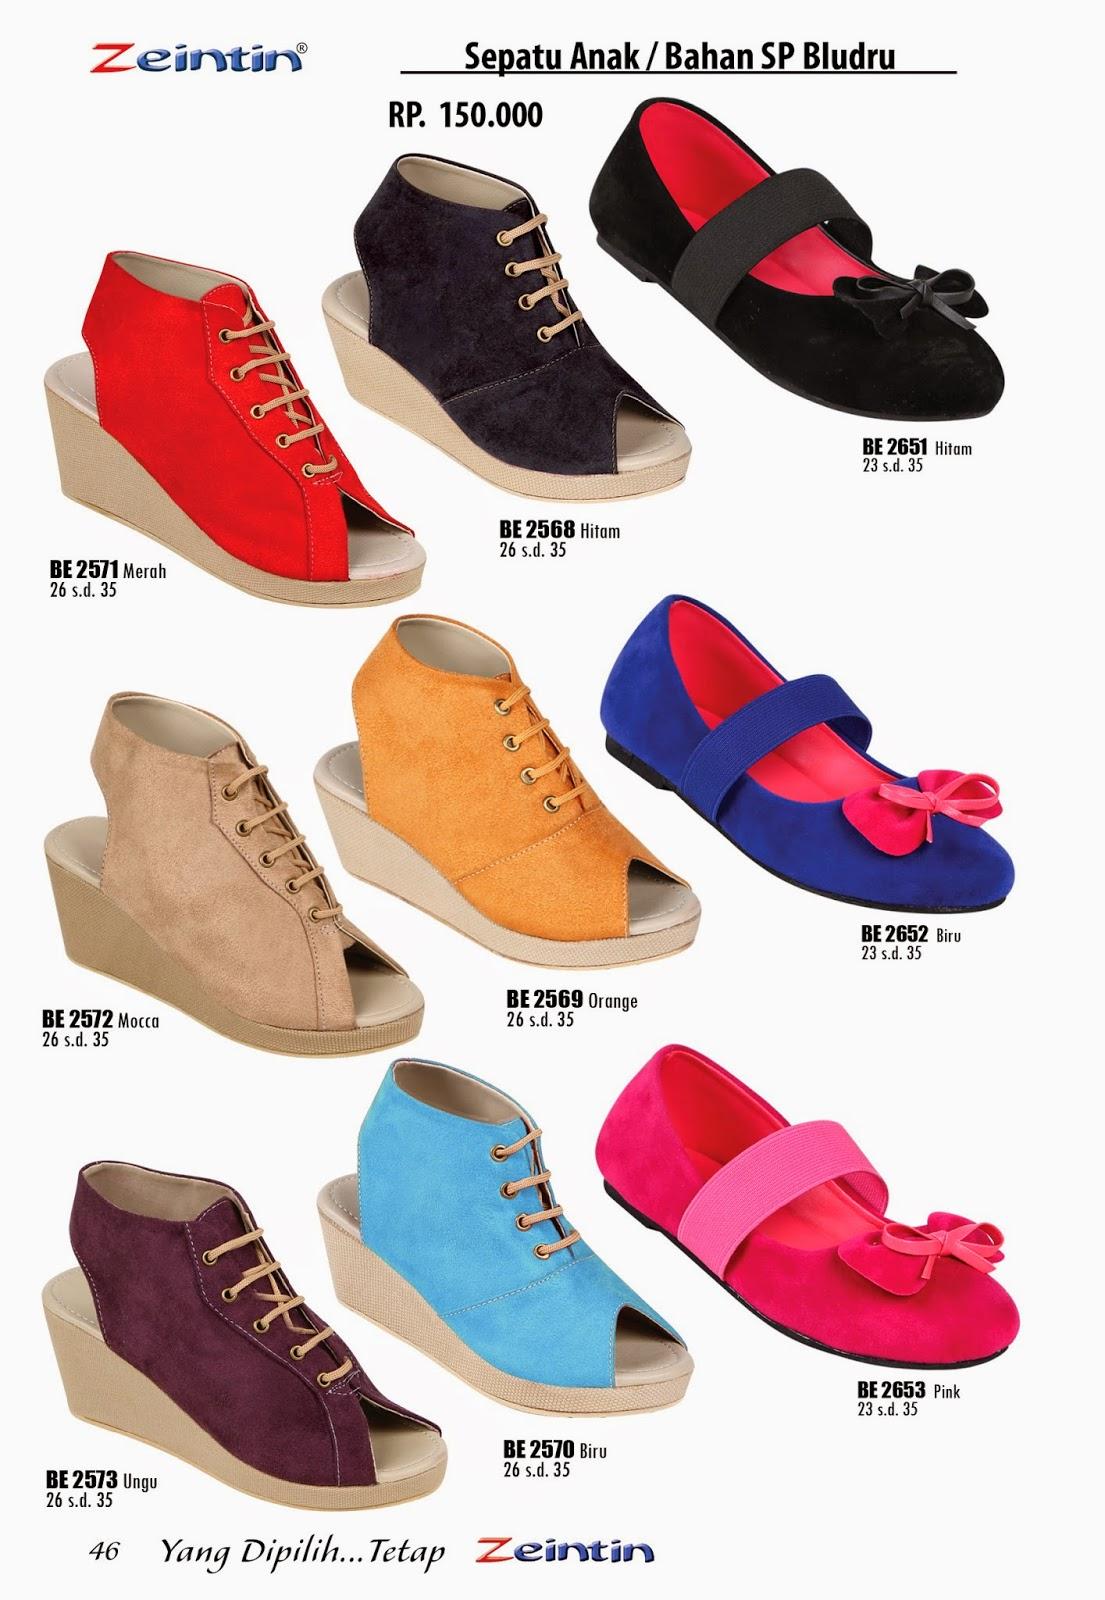 Sepatu Anak Wanita Zeintin Katalog Edisi Brilian 11